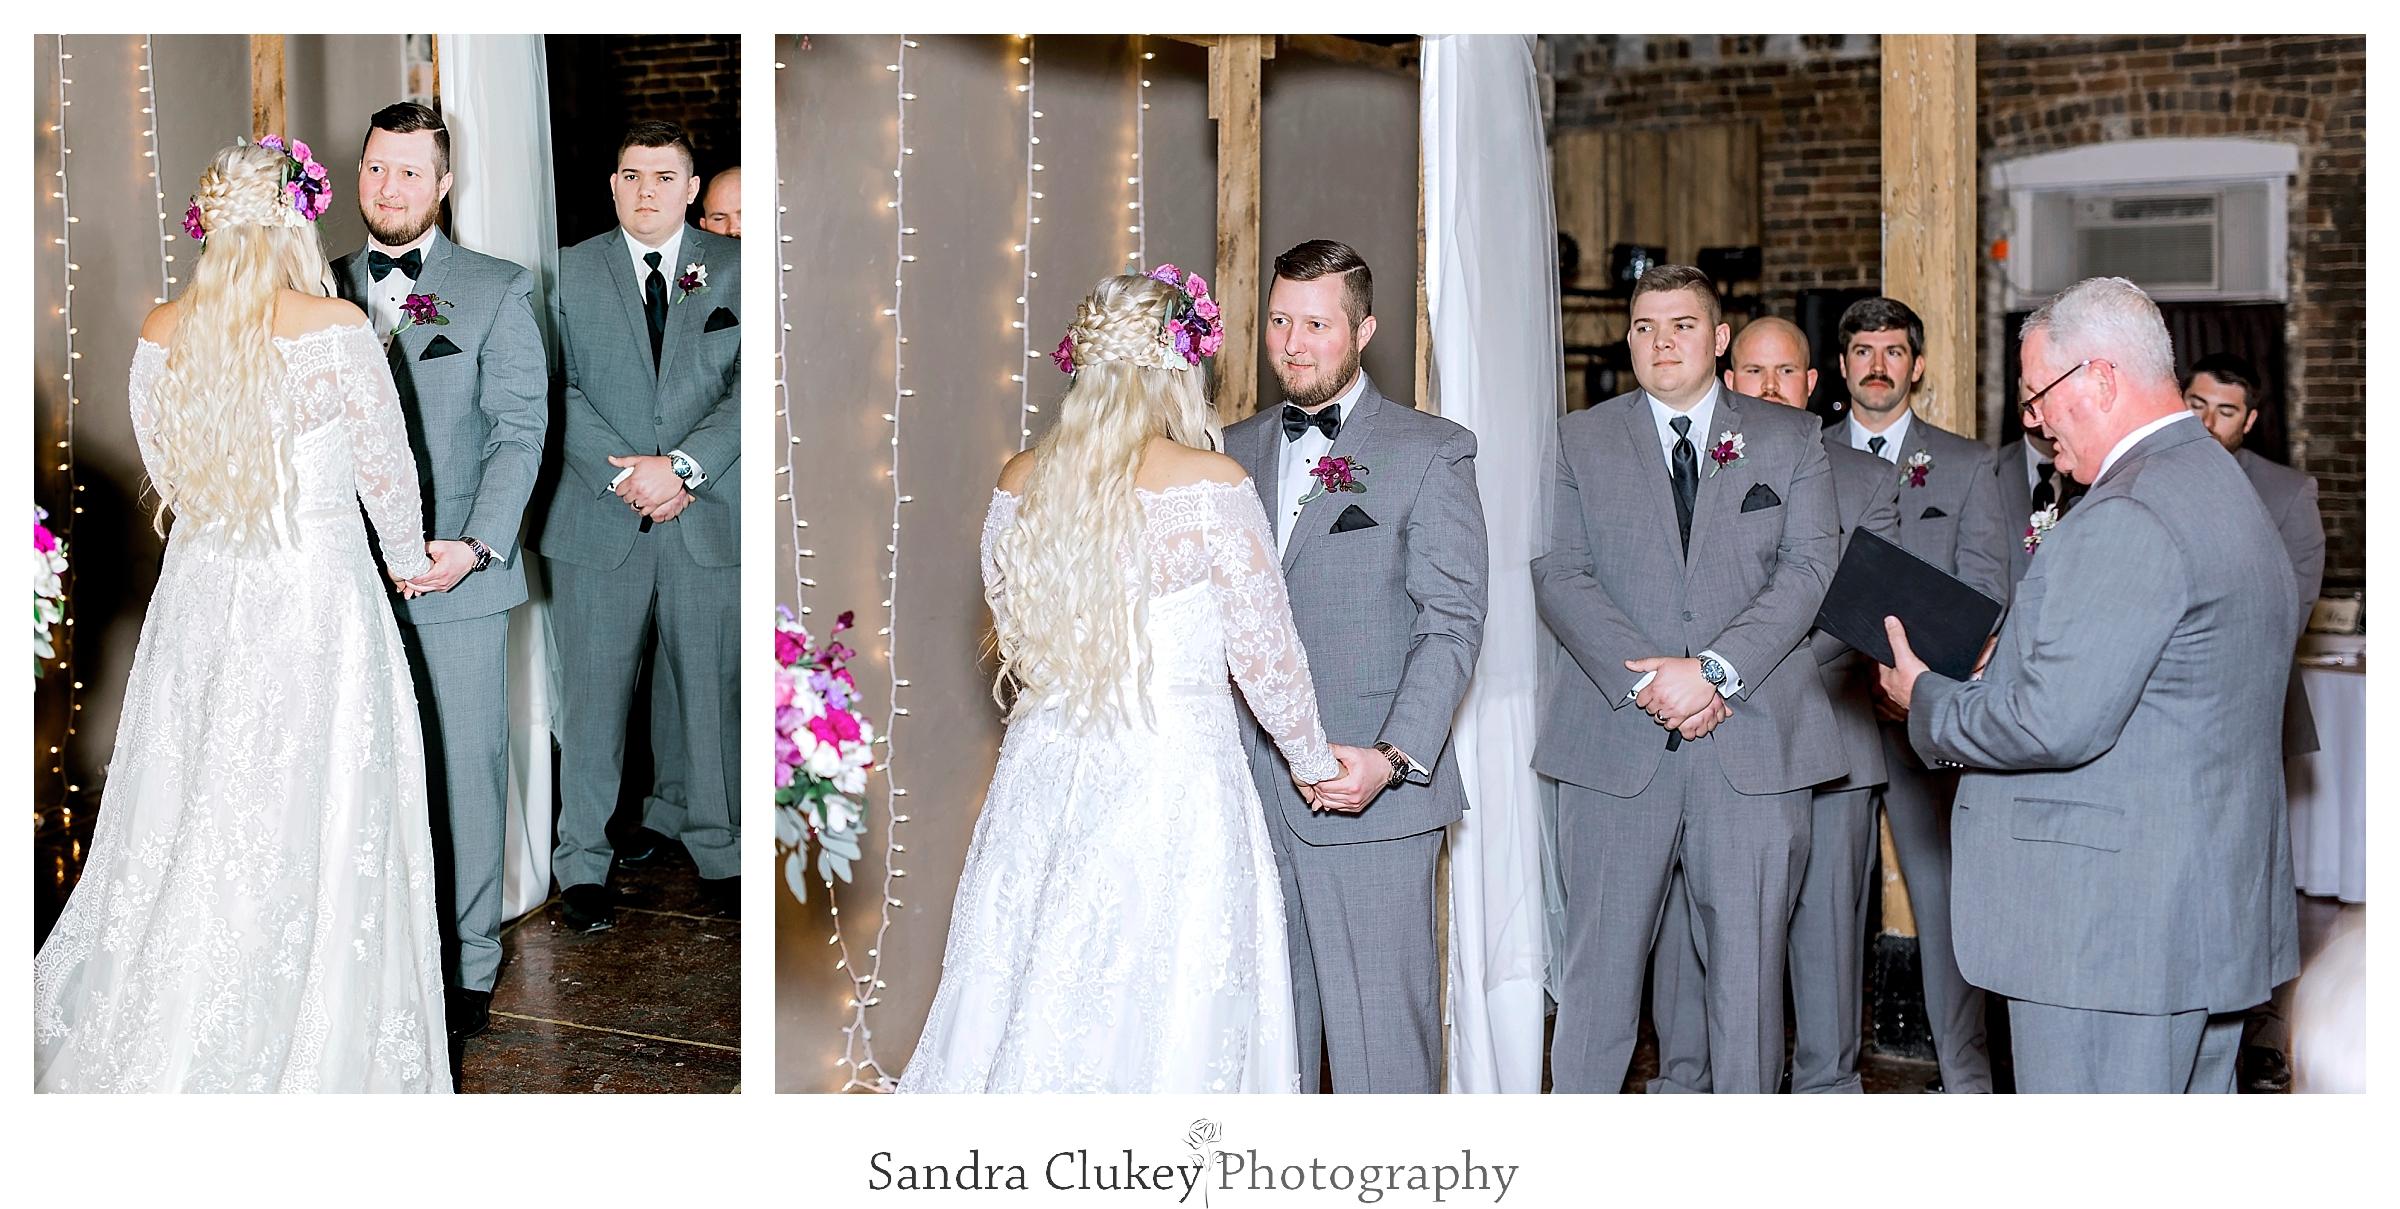 Sandra Clukey Photography_1512.jpg